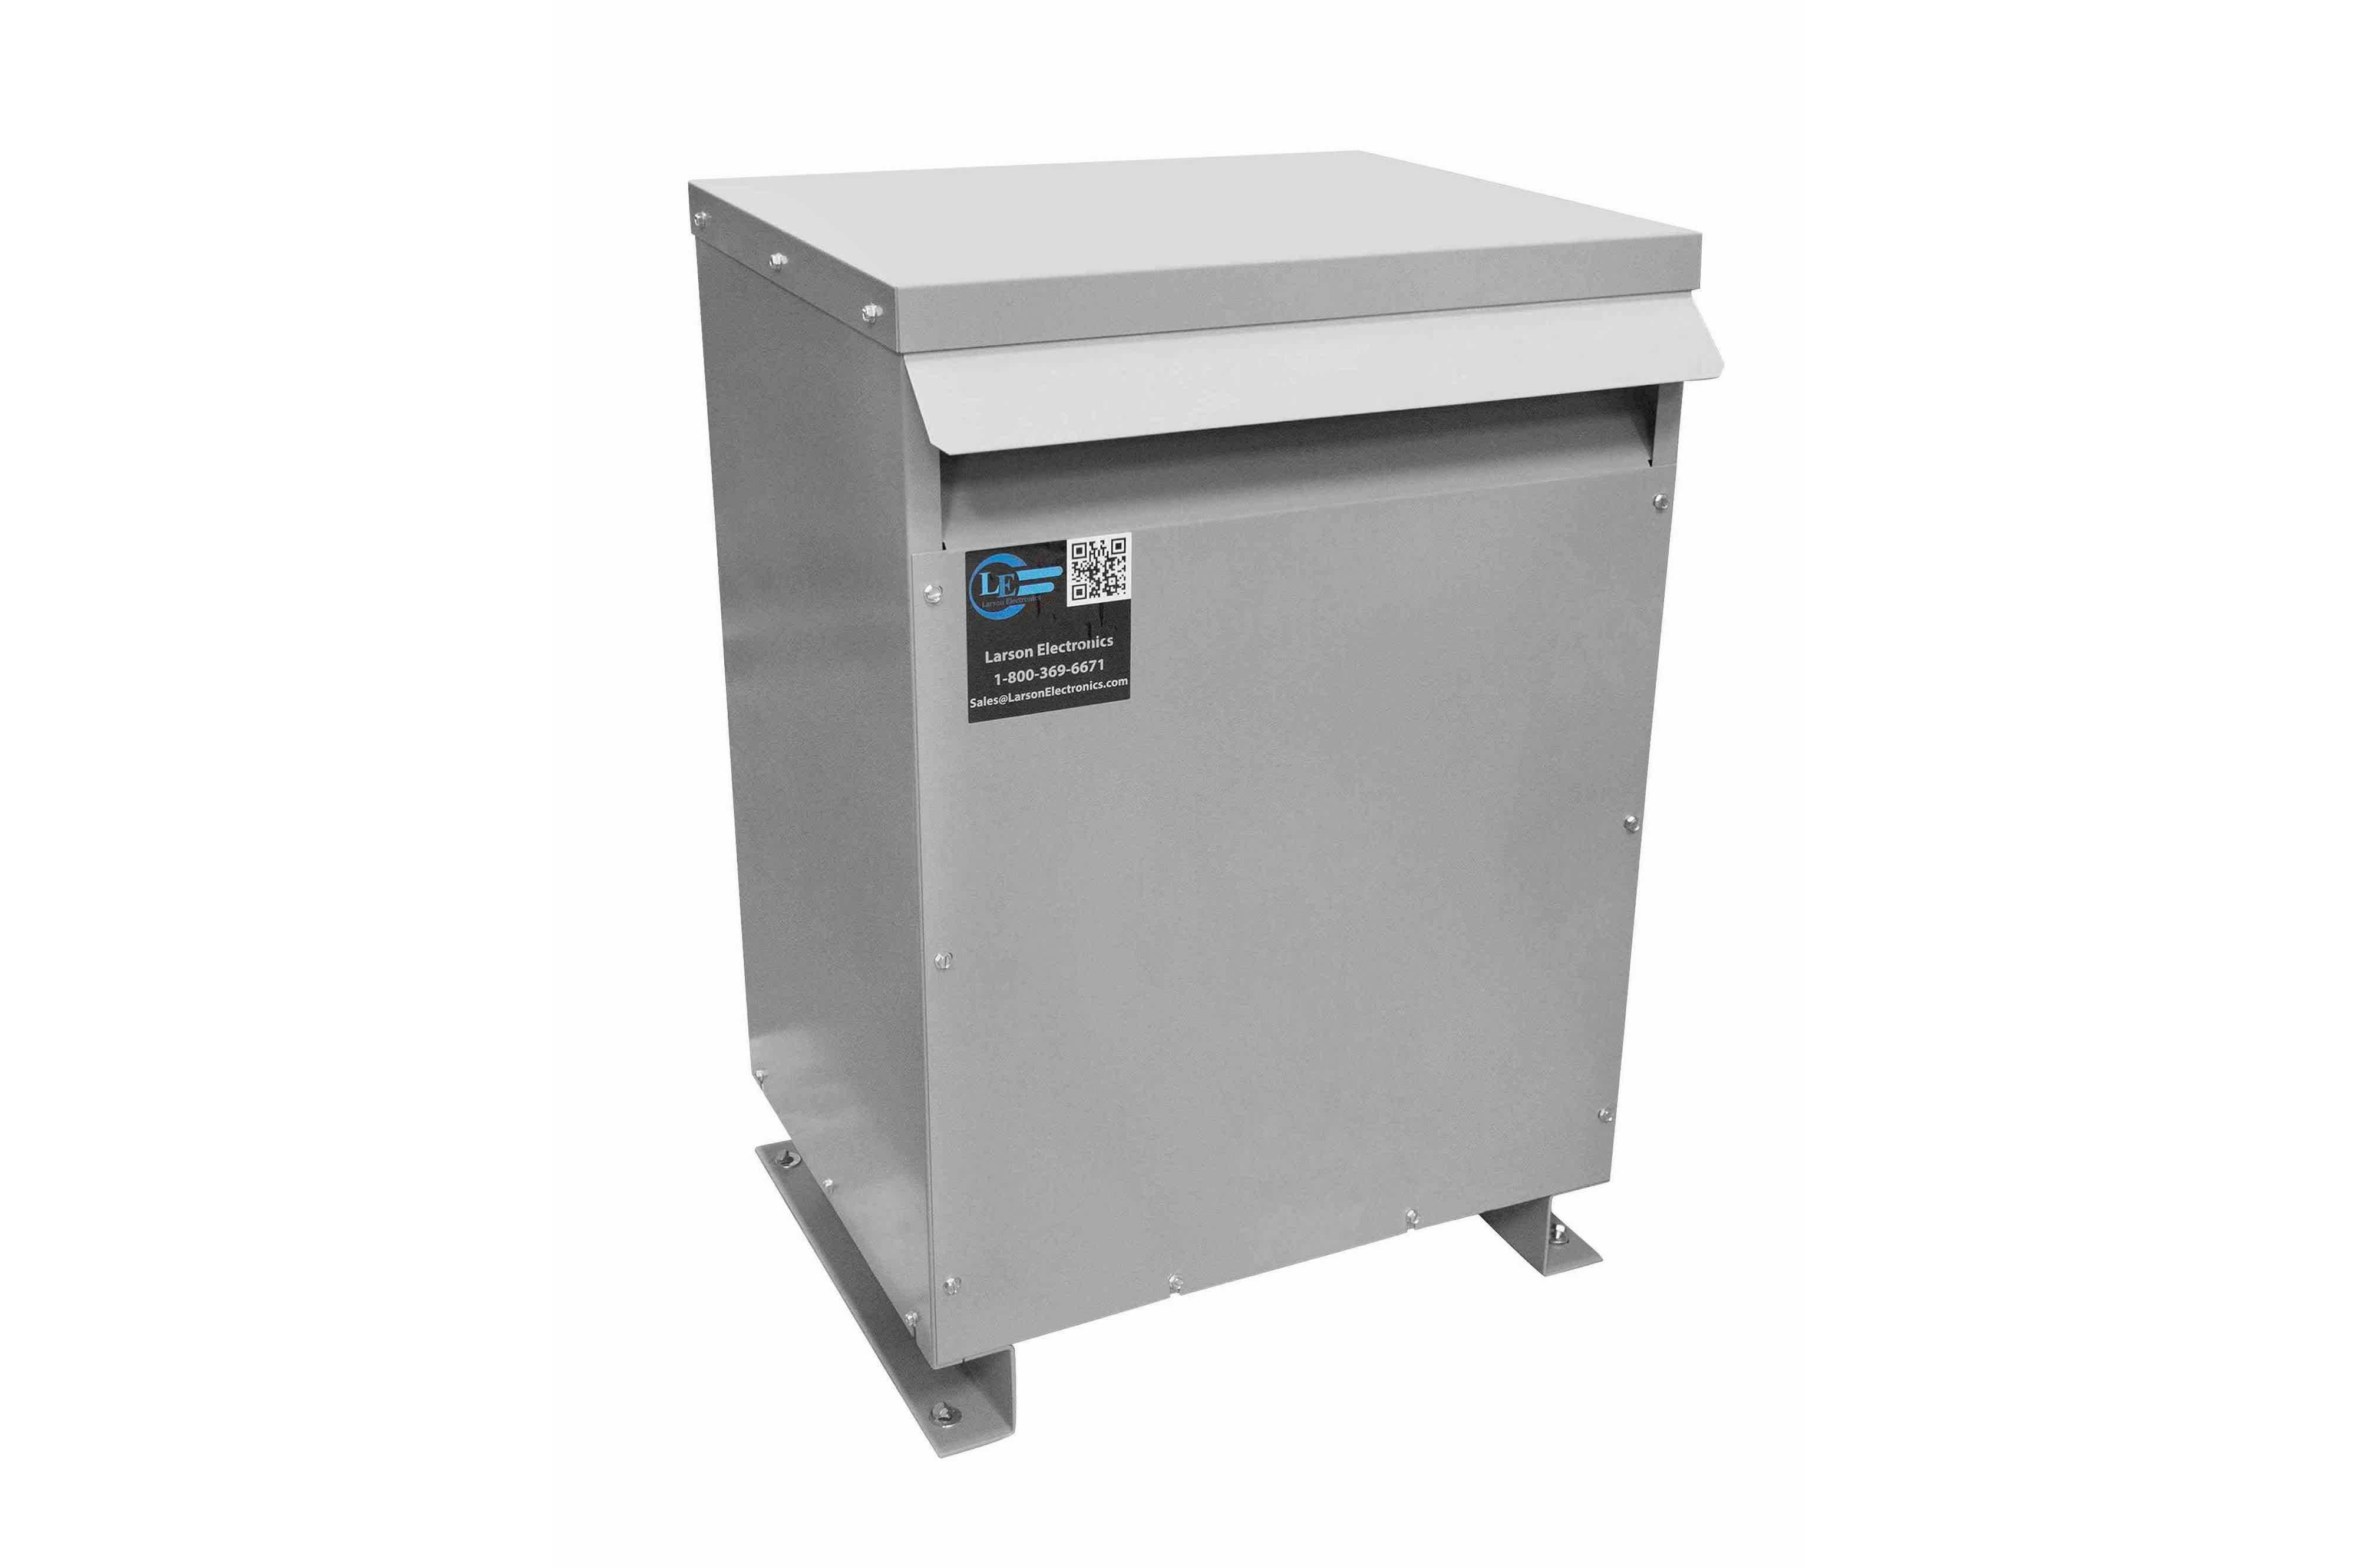 27 kVA 3PH Isolation Transformer, 460V Delta Primary, 380V Delta Secondary, N3R, Ventilated, 60 Hz